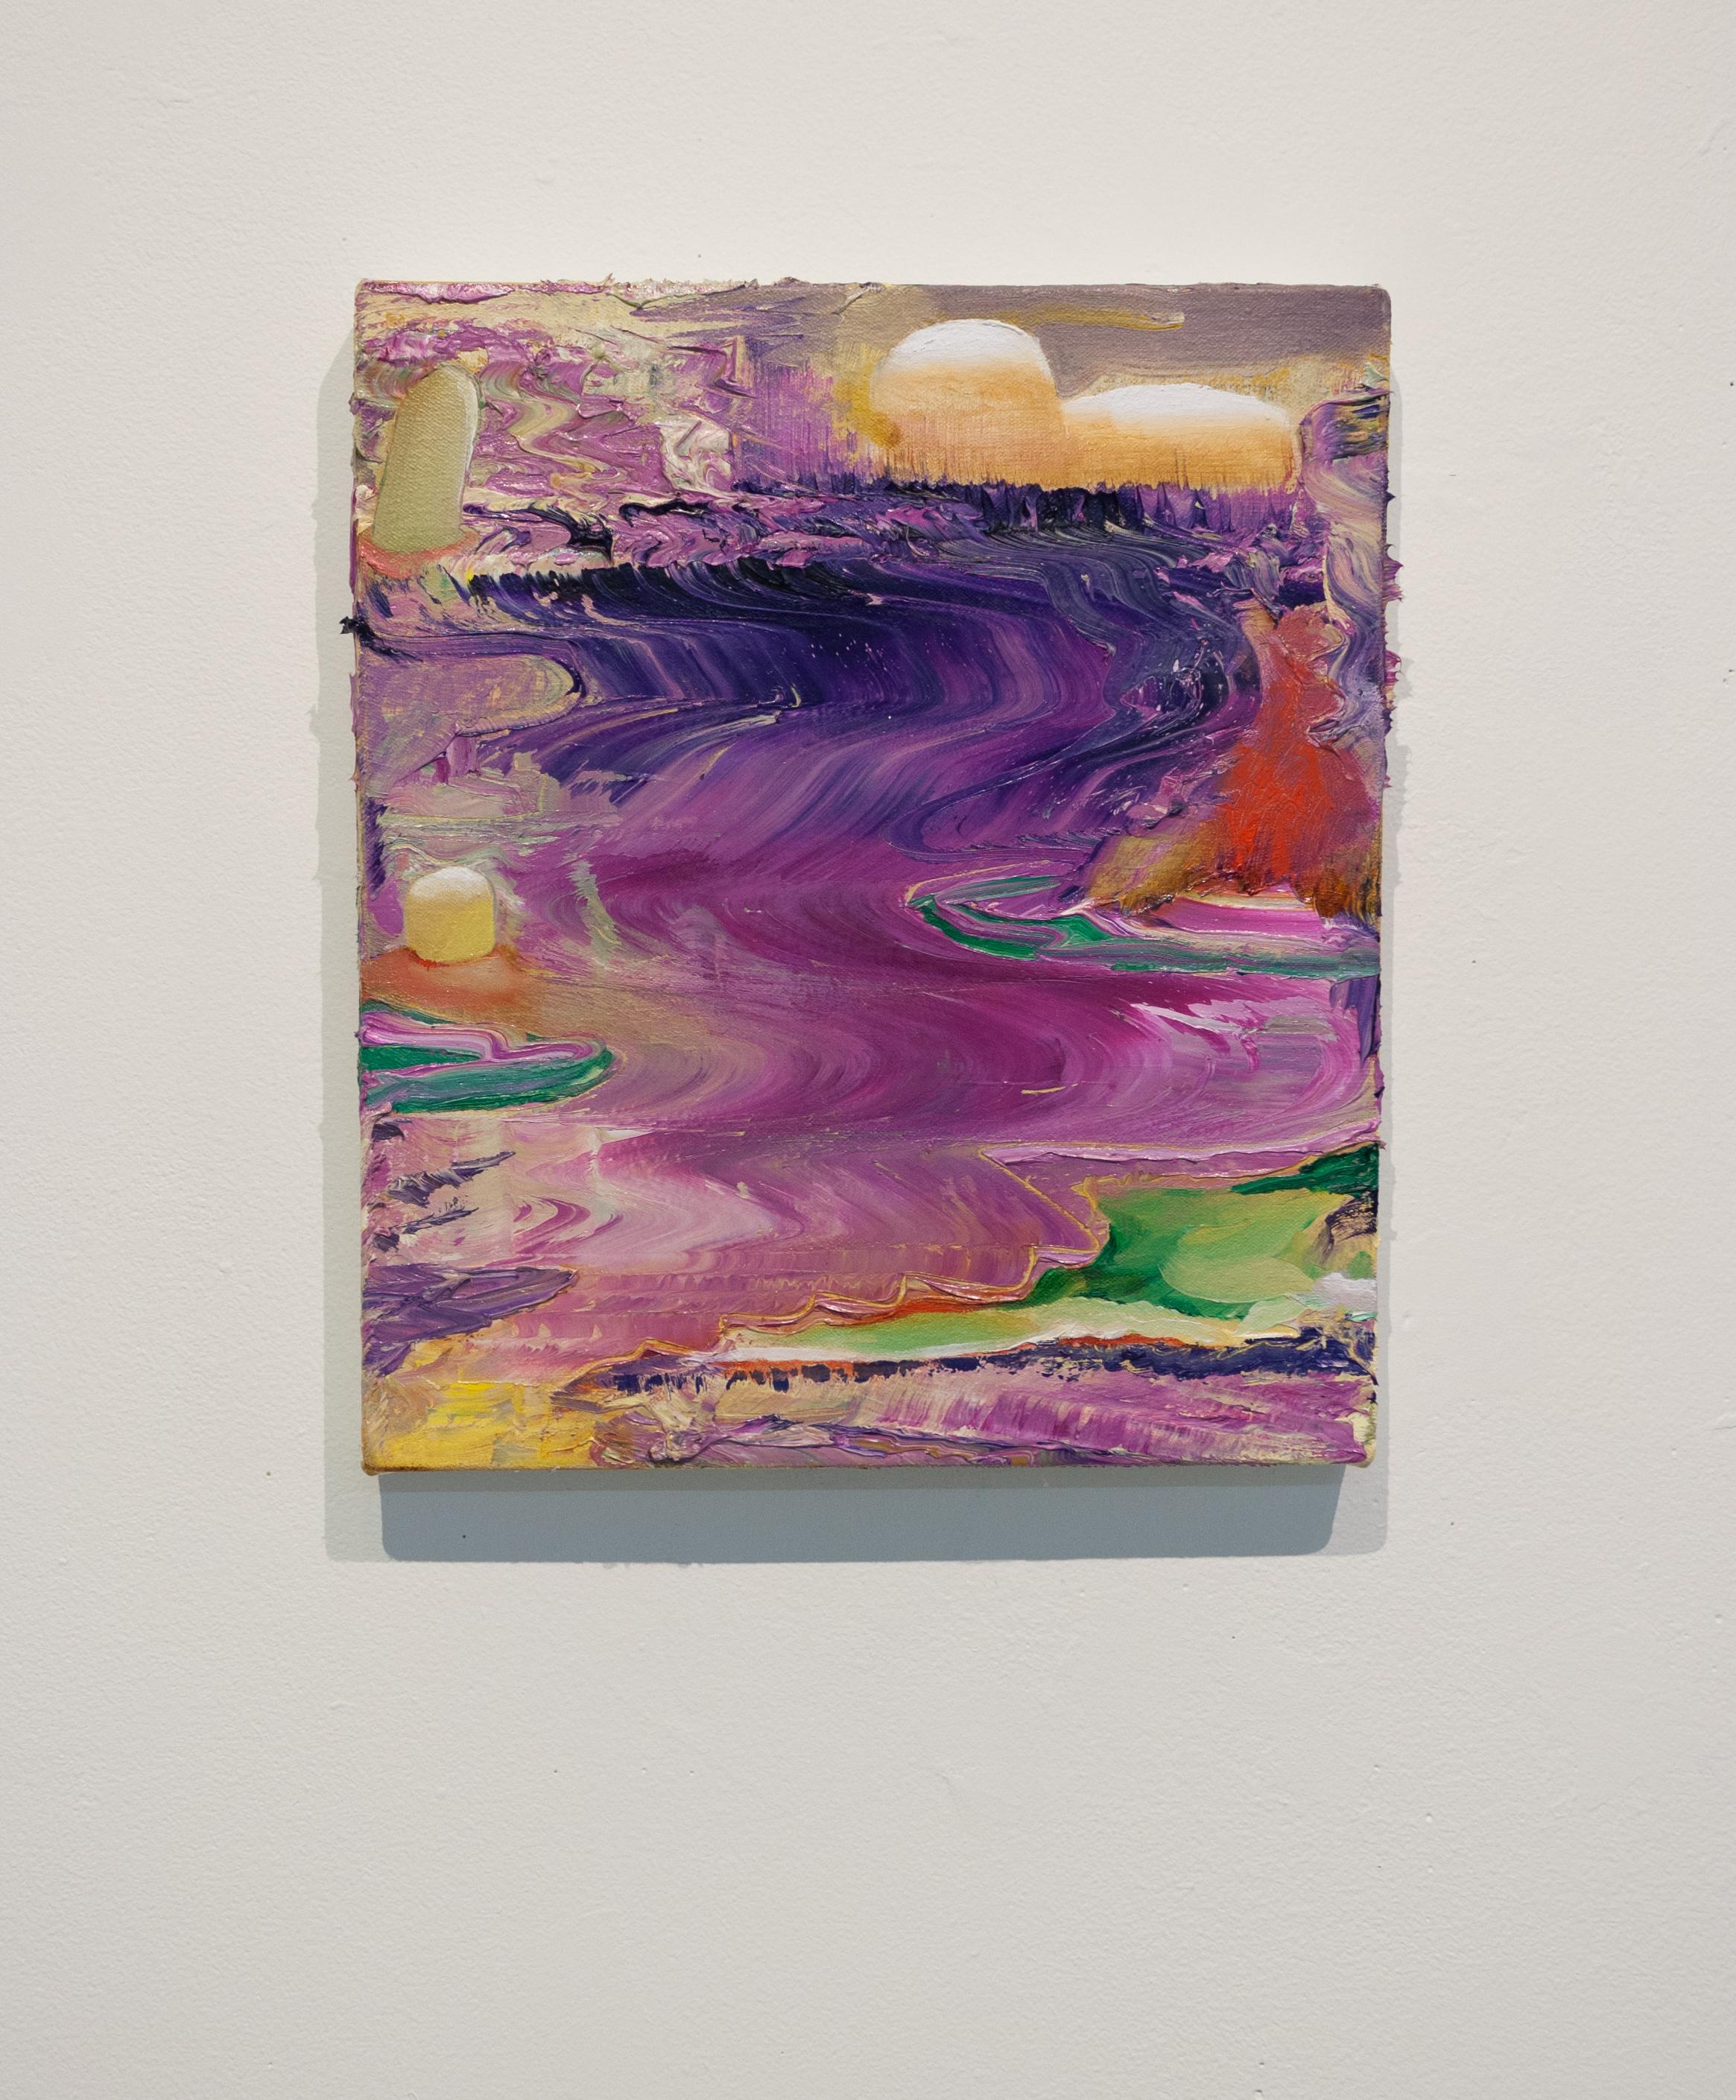 Amaranthine Flows | 2018 | oil on canvas | 14 x 12 in.